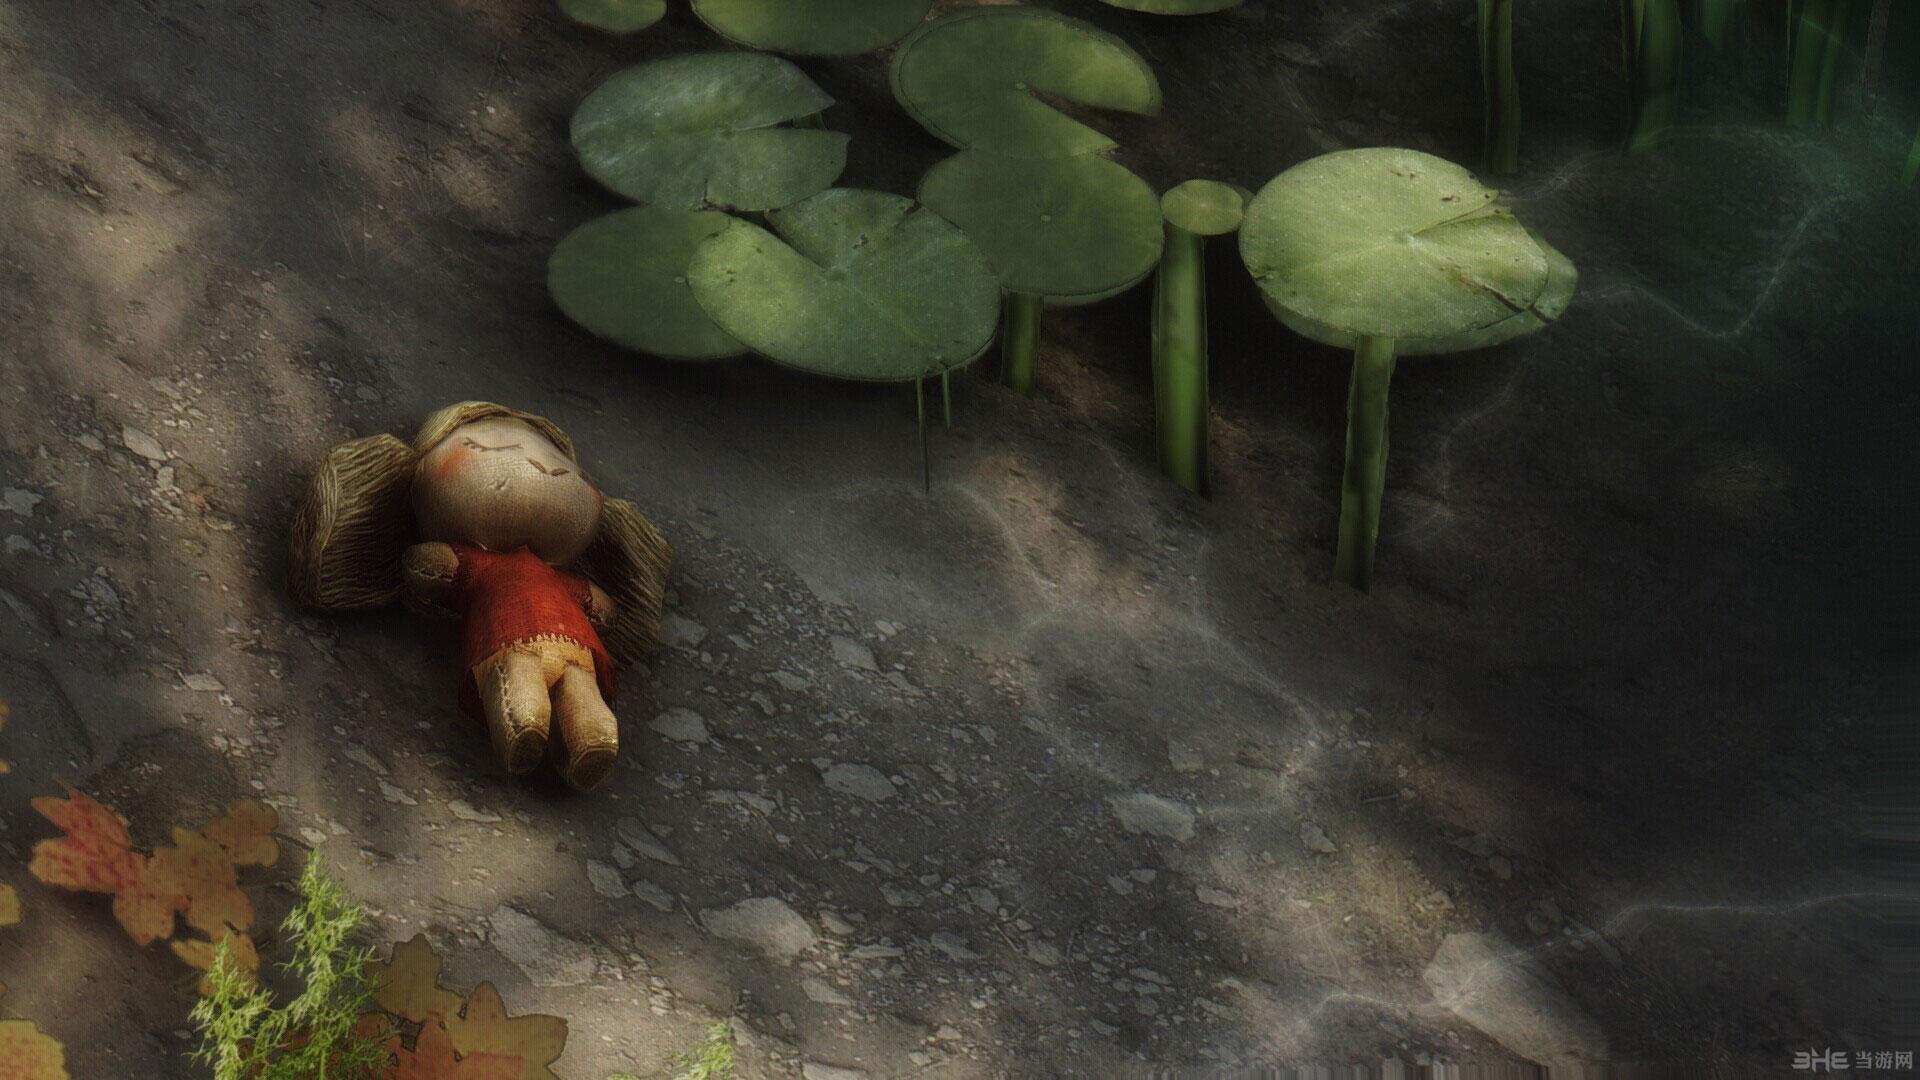 上古卷轴5天际炉火熊小孩玩偶美化MOD截图2